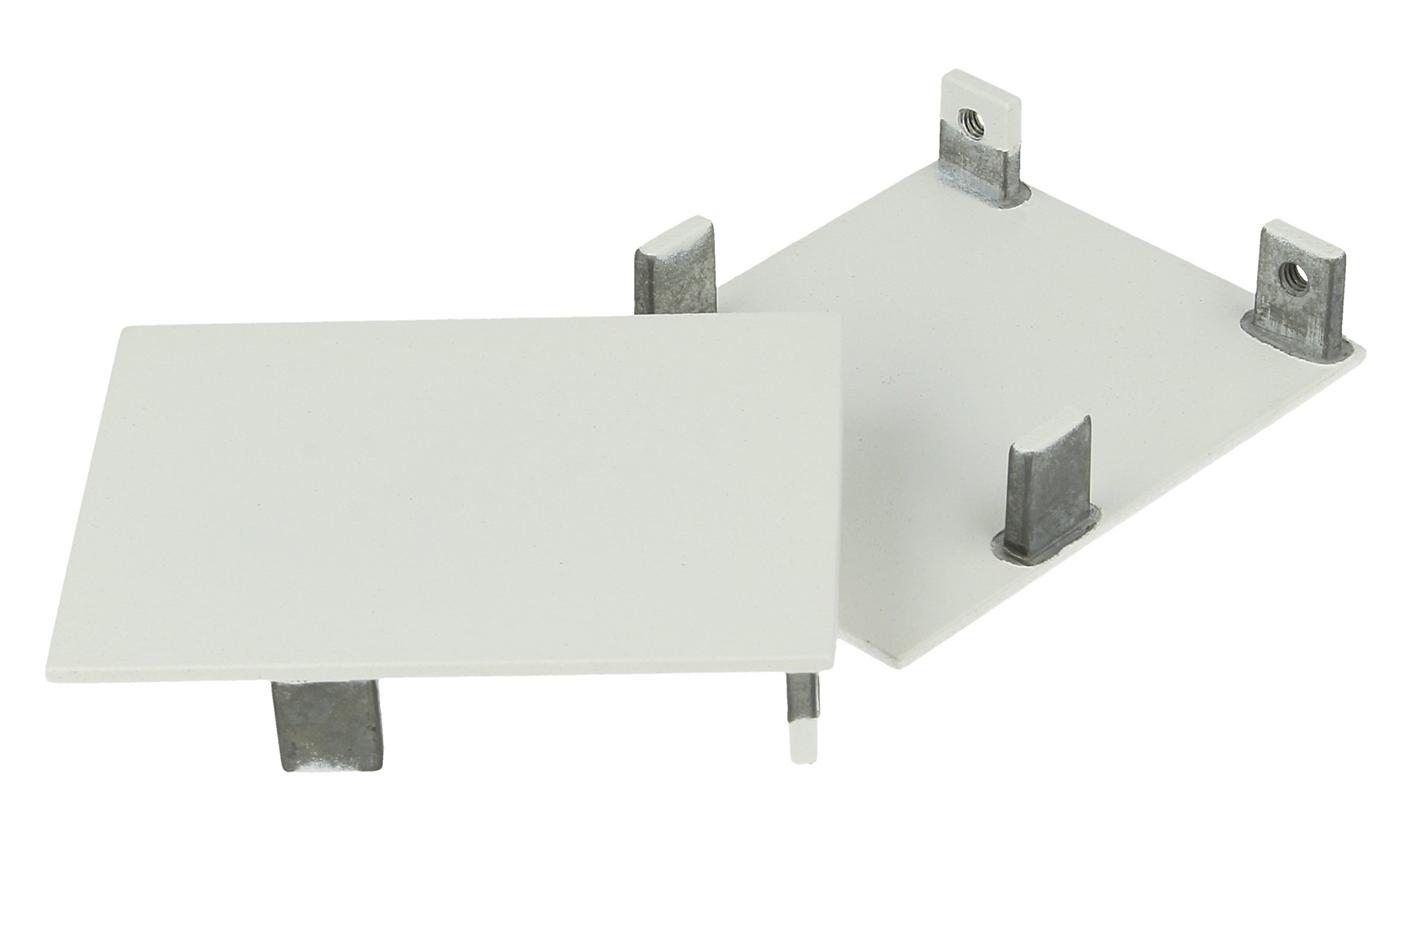 Coppia Tappi Coperture Termine Colore Bianco Per Chiusure Profilo Alluminio BA5570W - PAIO